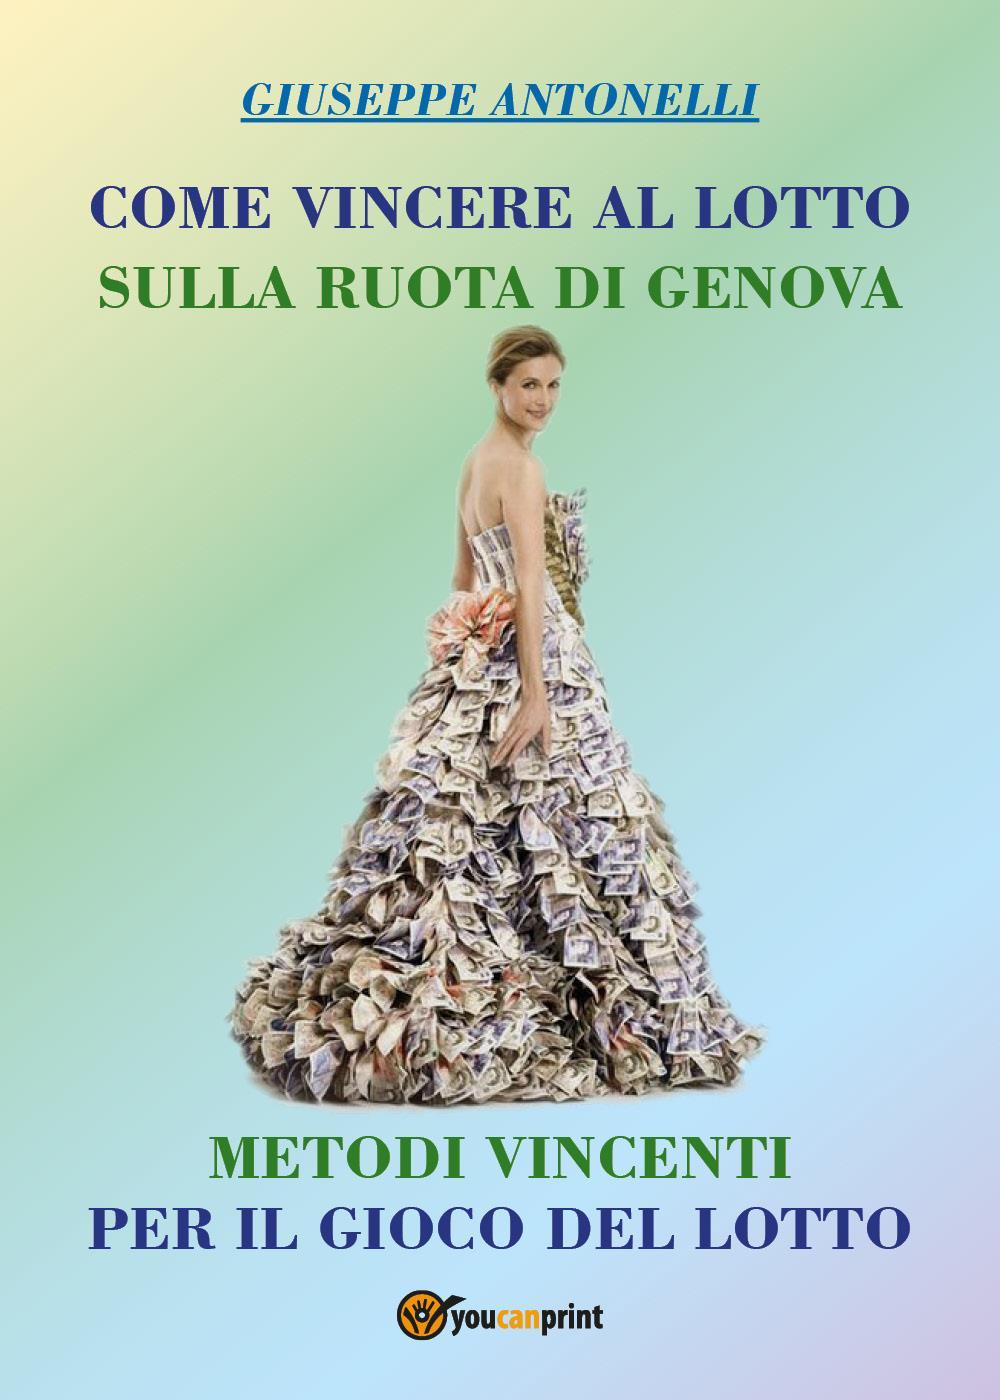 Come Vincere al Lotto sulla ruota di Genova